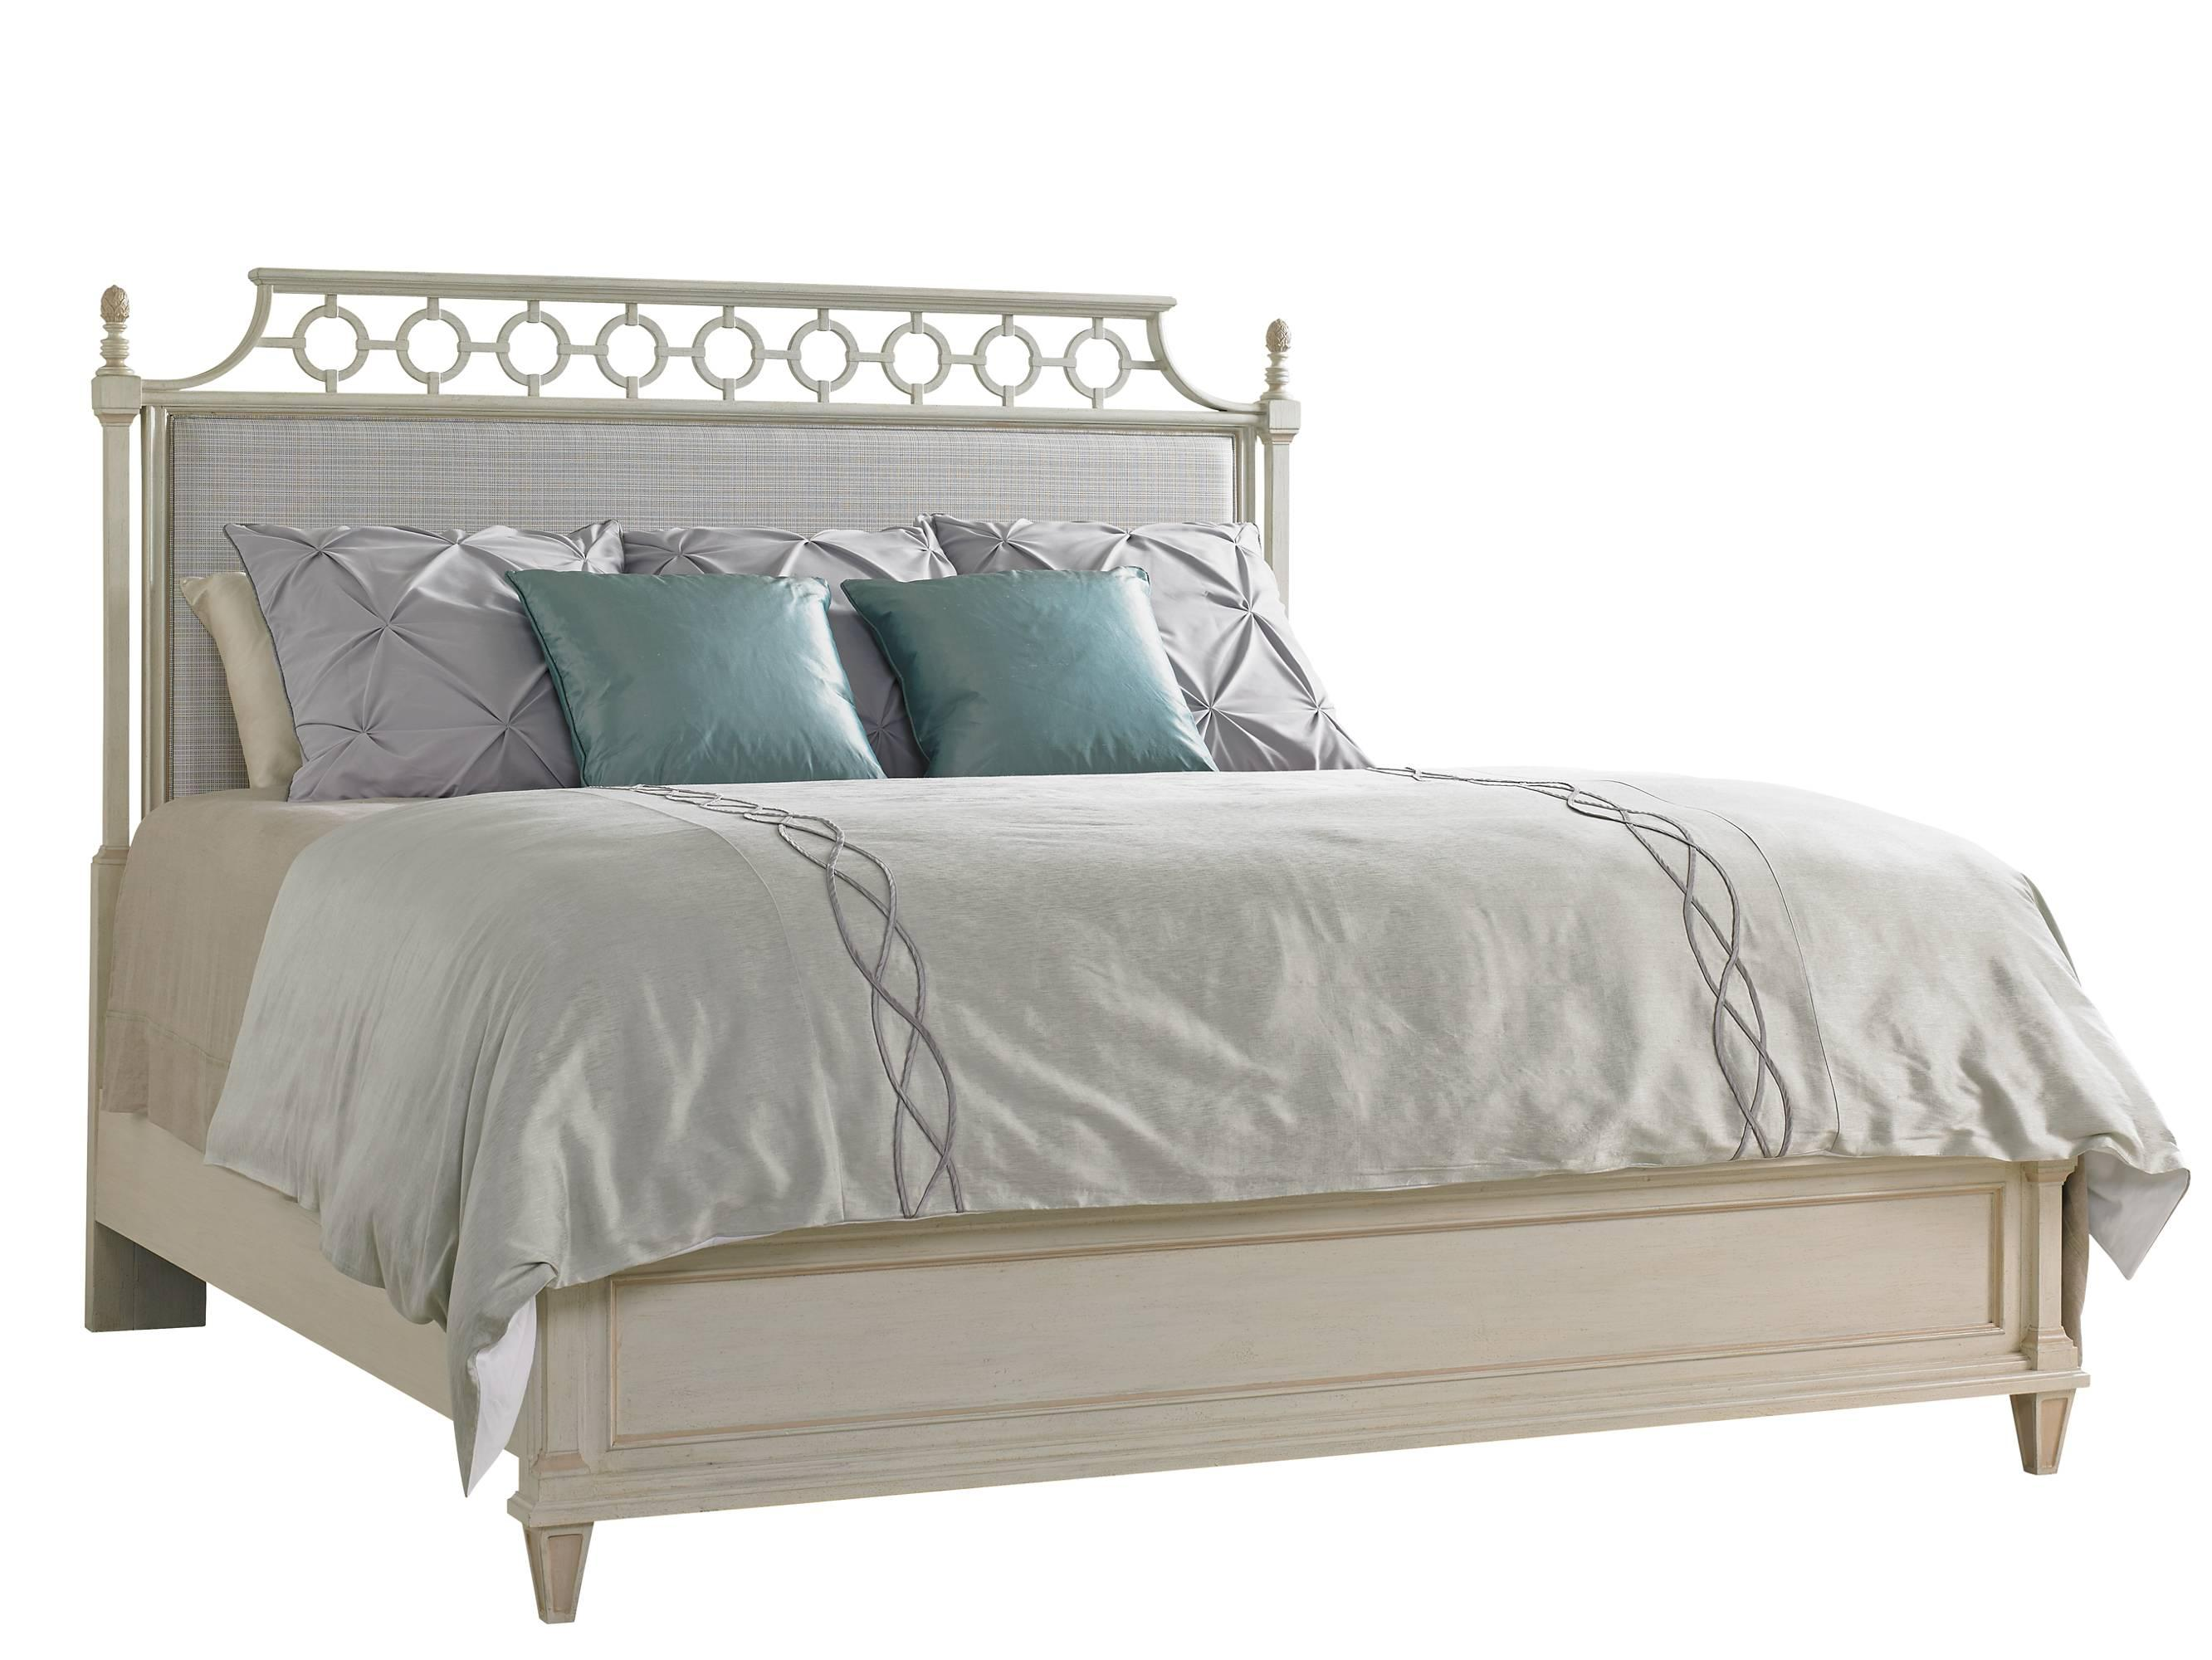 Stanley Furniture Preserve California King Botany Bed - Item Number: 340-23-46